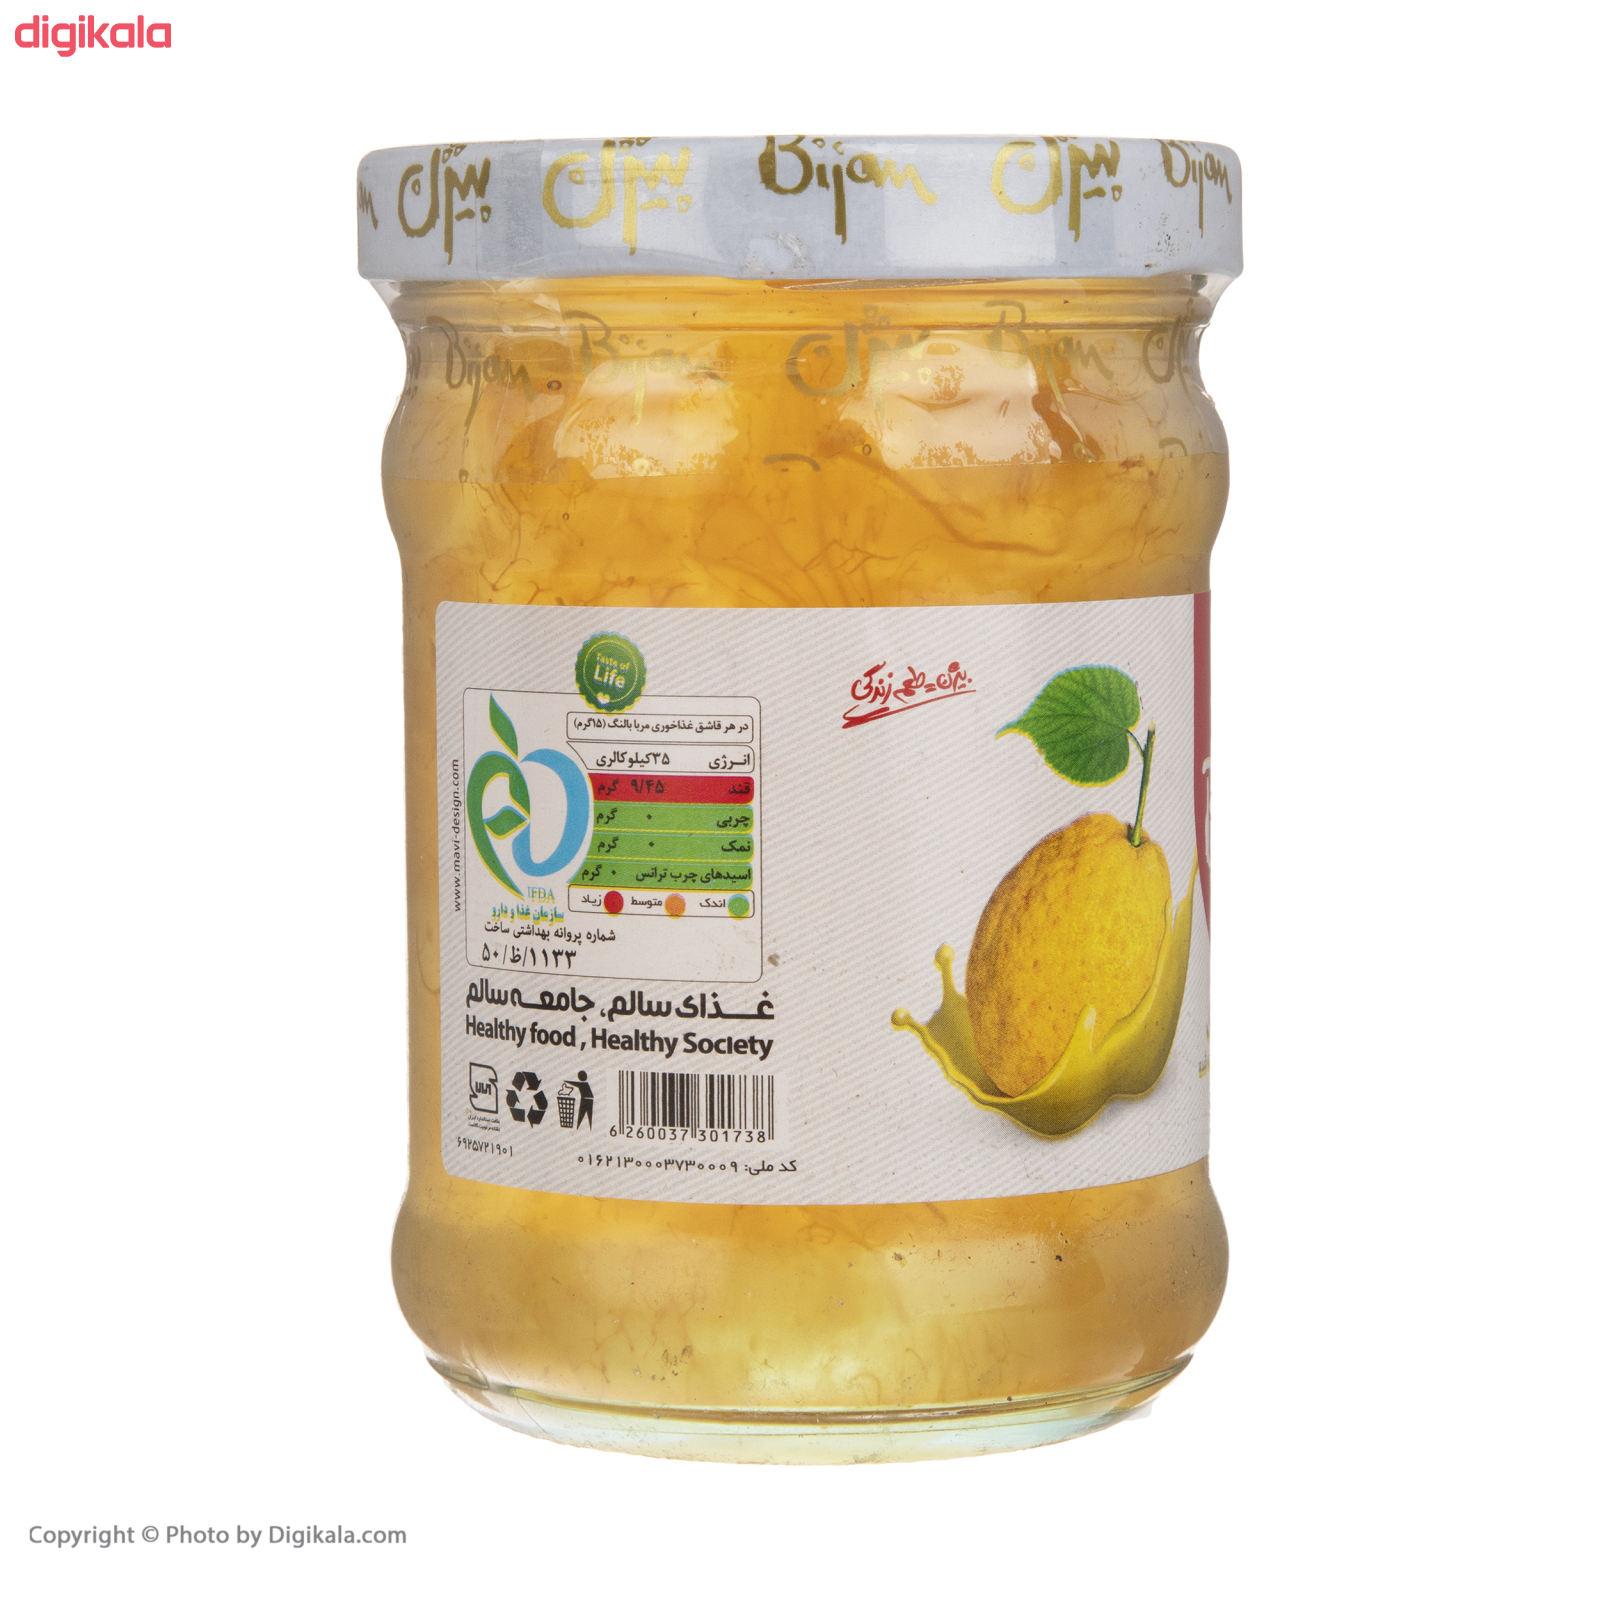 مربا بالنگ بیژن - 290 گرم main 1 2